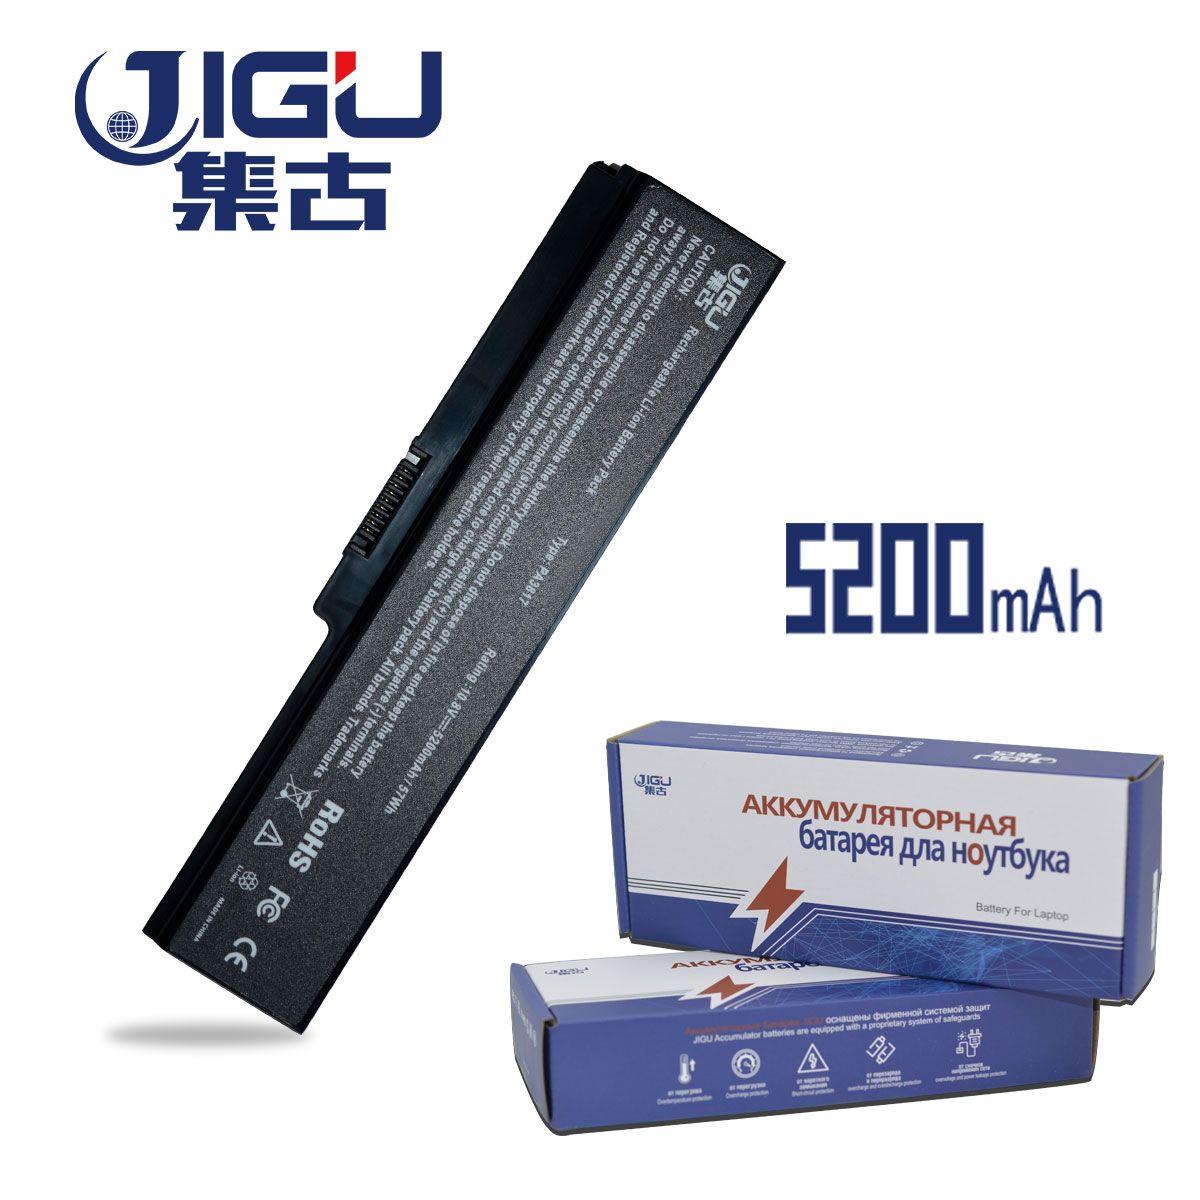 JIGU Batterie Für Toshiba PA3817U-1BRS PA3817 PA3818U-1BRS PA3817U Für Satellite L745 L740 L655 L750 L750D L755